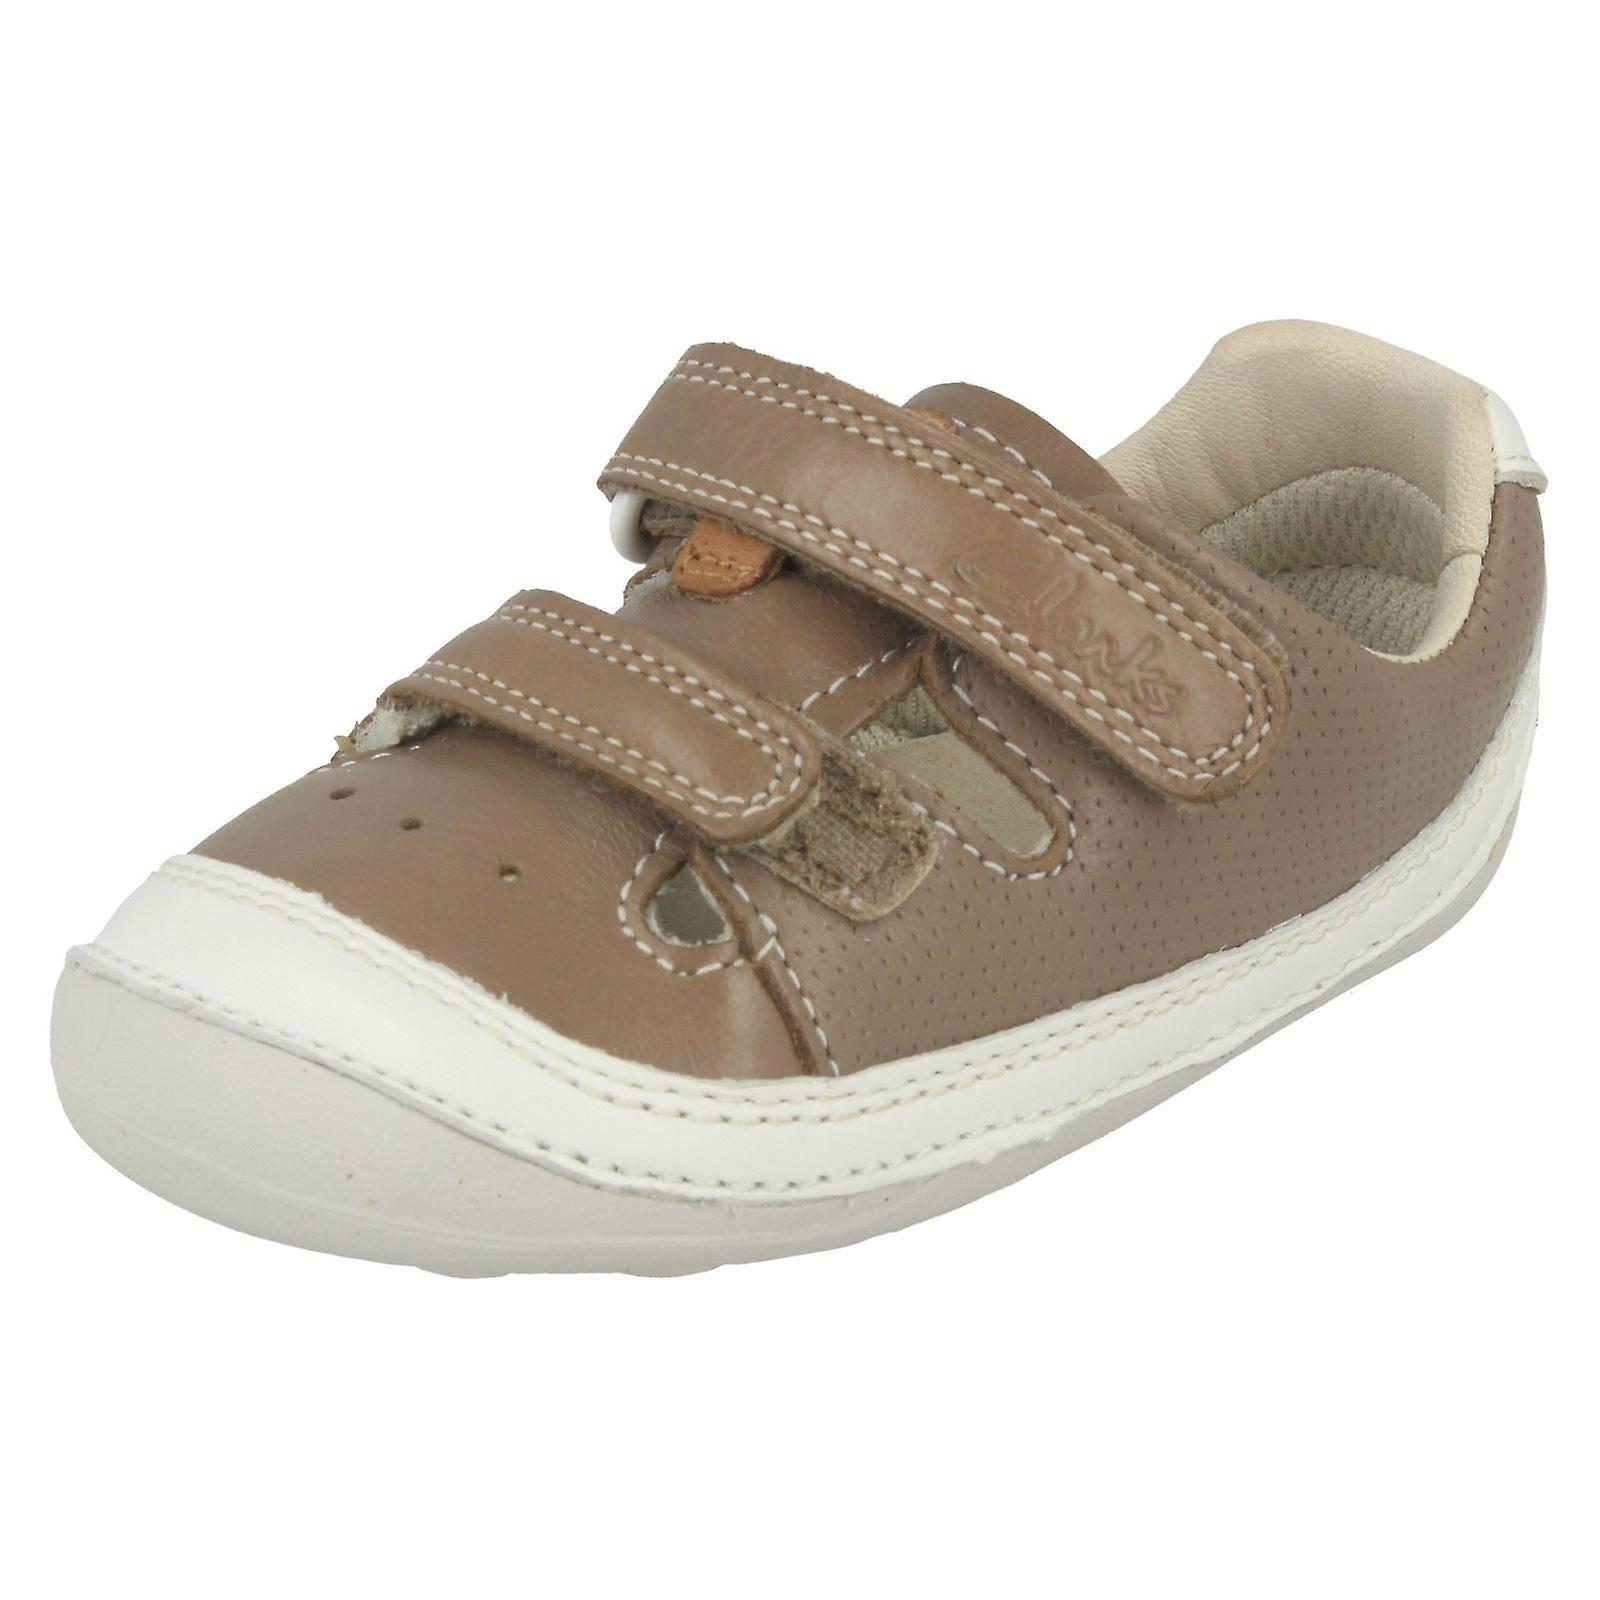 Jungen Clarks Casual Schuhe zunächst kleinen Jungen